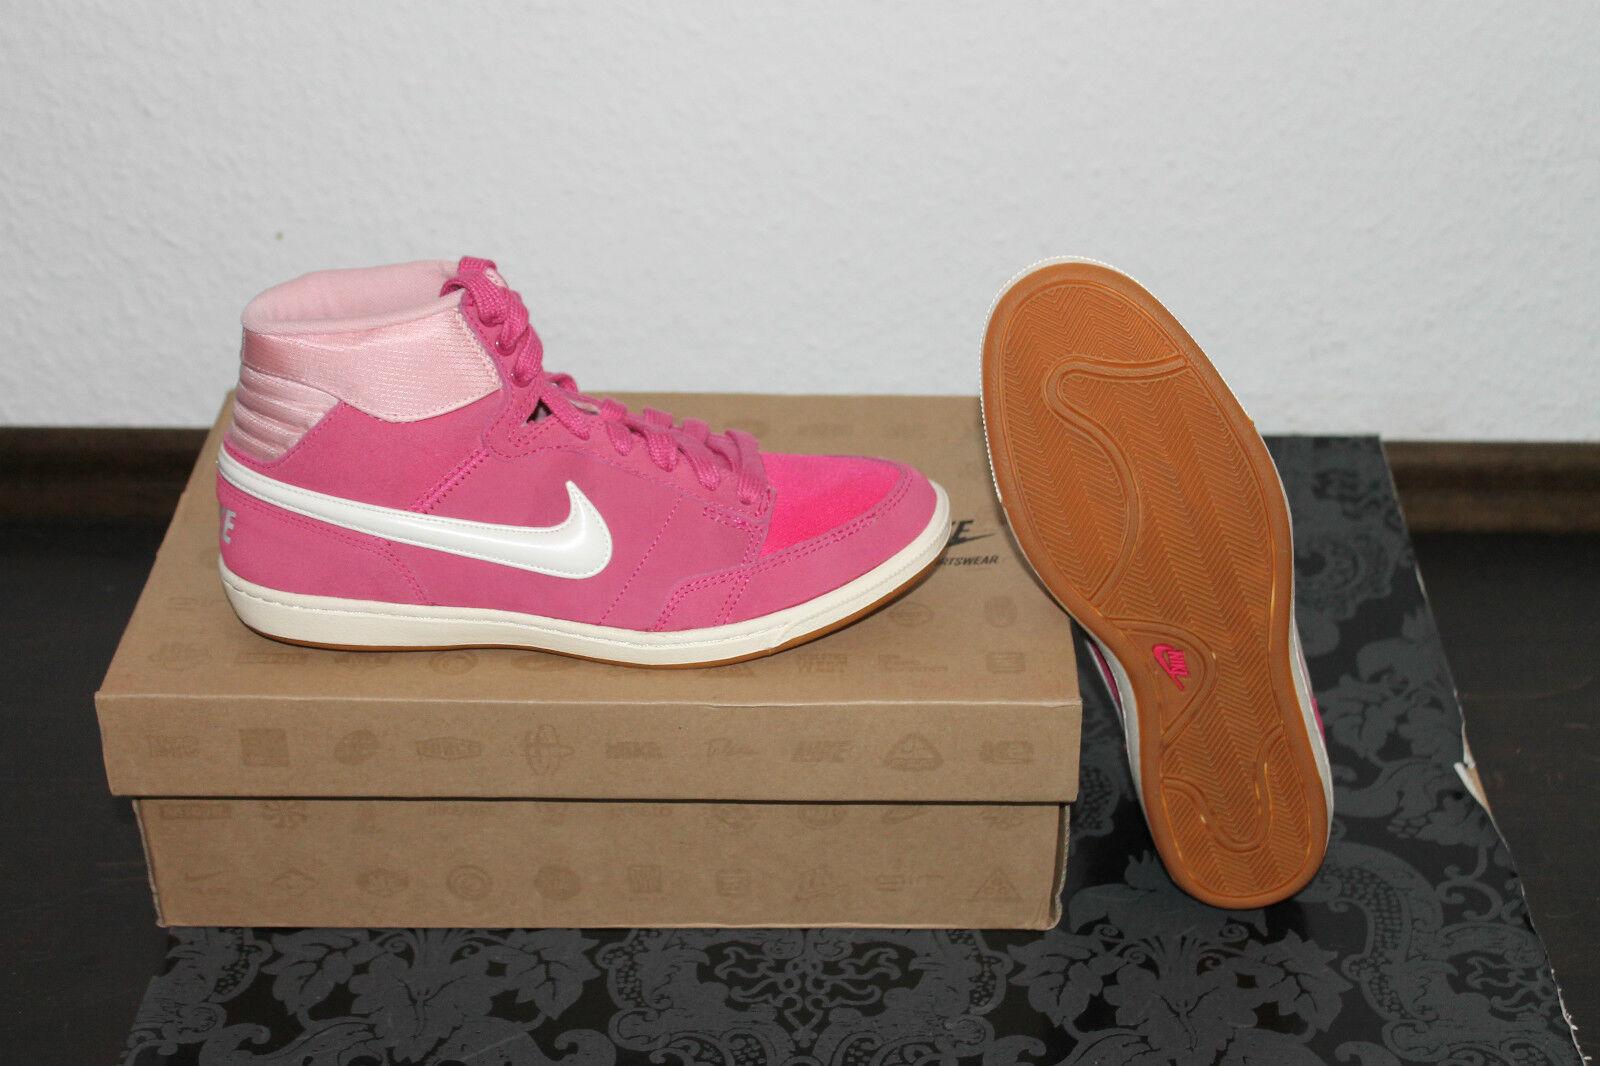 Nike Doubleteam Femmes Lifestyle Baskets Rose Blanc Taille 38,5 ou 40 Nouveaux